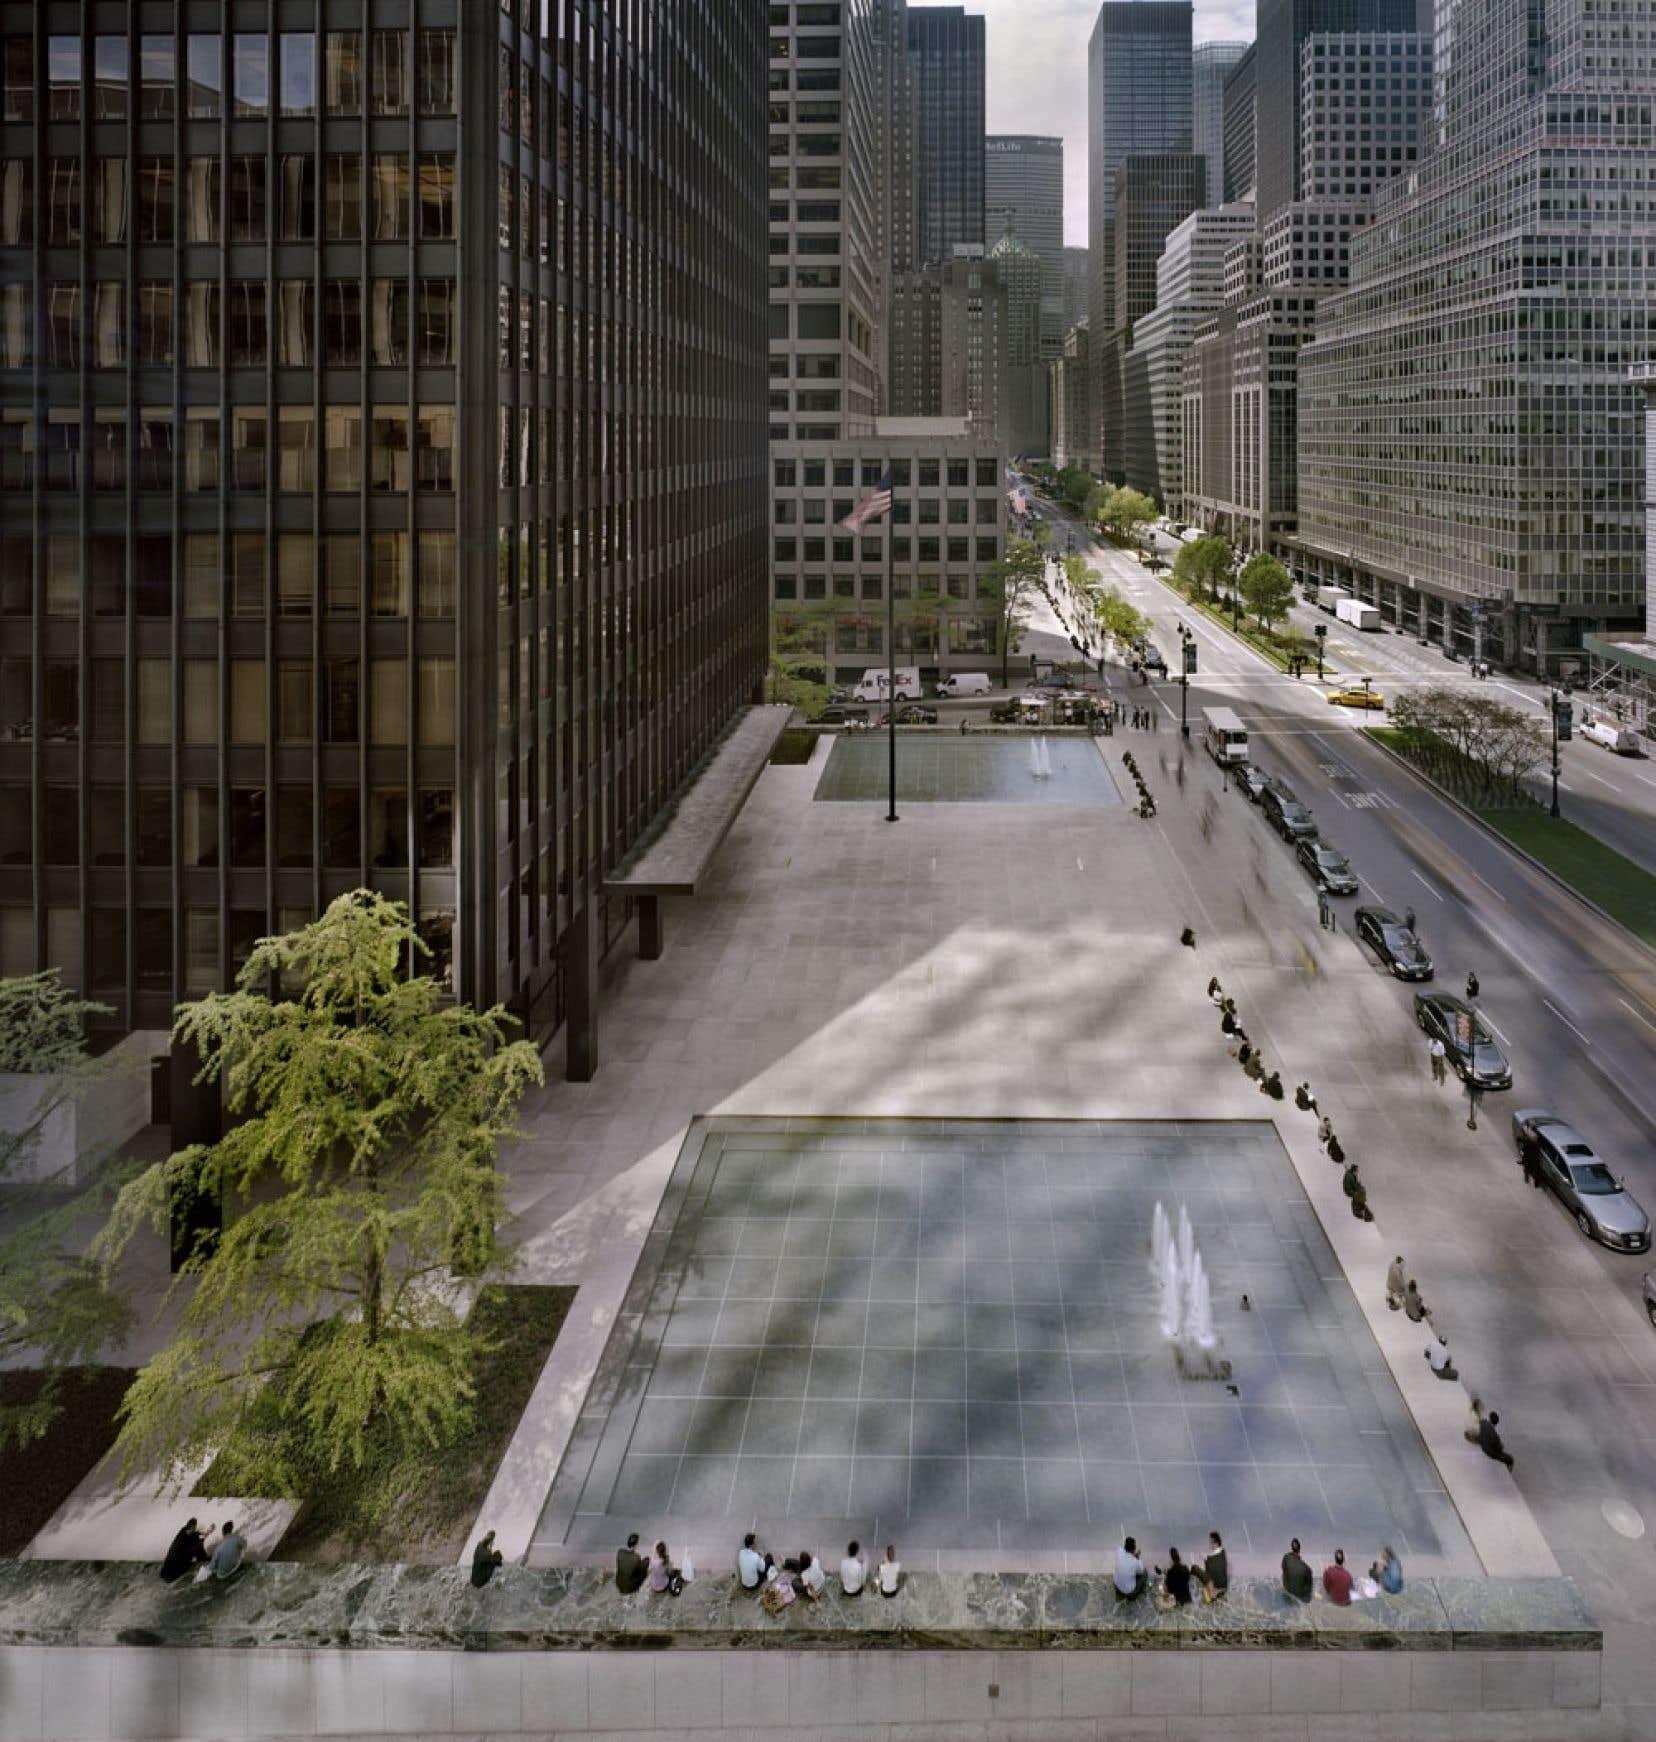 Vue panoramique vers le sud de l'esplanade Seagram, depuis la première terrasse du 399 Park Avenue, à New York.